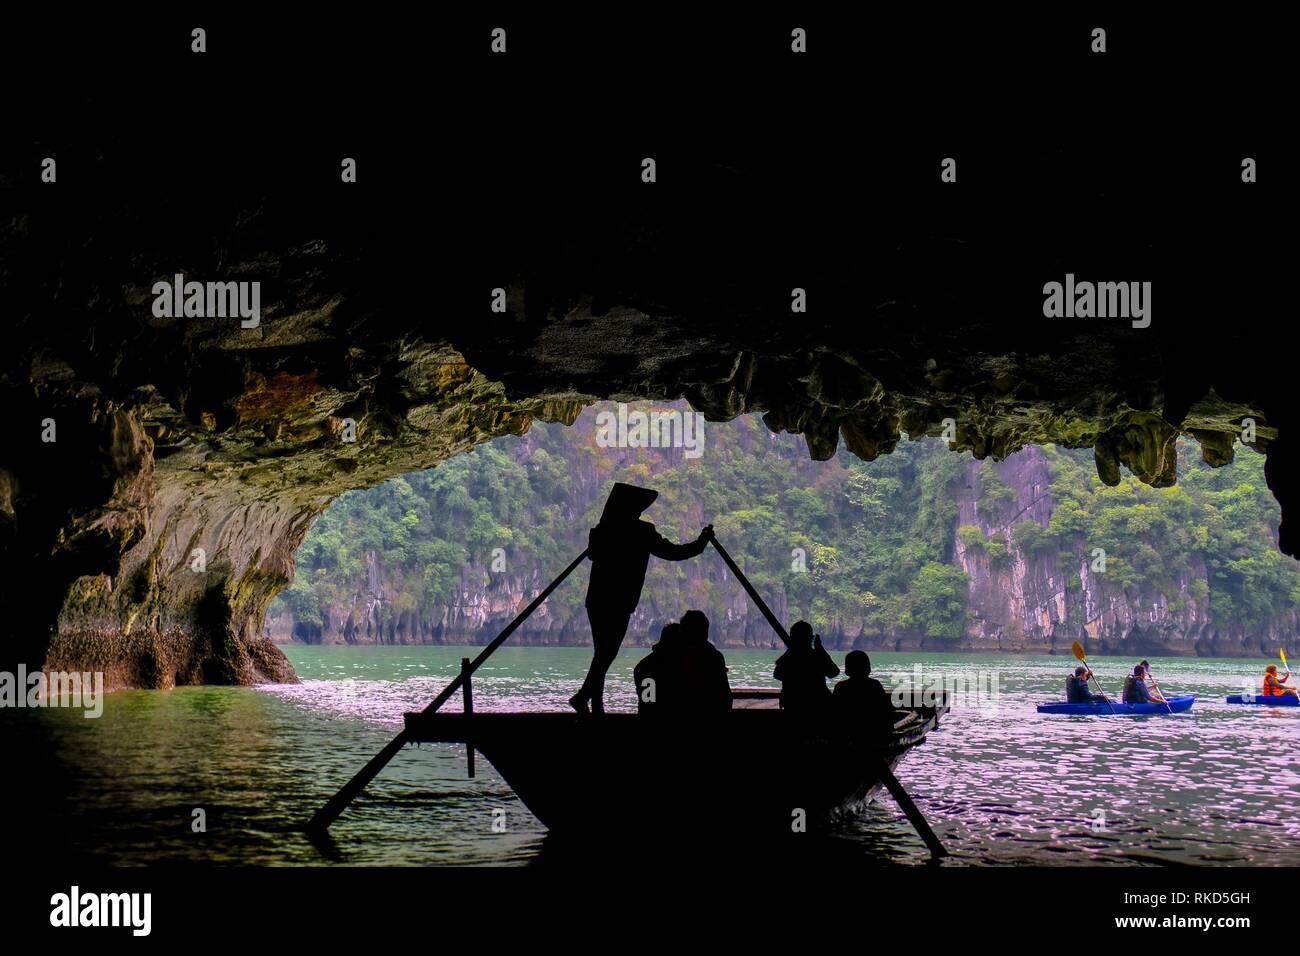 Il Vietnam, la baia di Ha Long: la Baia di Ha Long è un sito Patrimonio Mondiale dell'UNESCO e meta turistica apprezzata in Quang Ninh Provincia, Vietnam. Dal punto di vista amministrativo, Immagini Stock